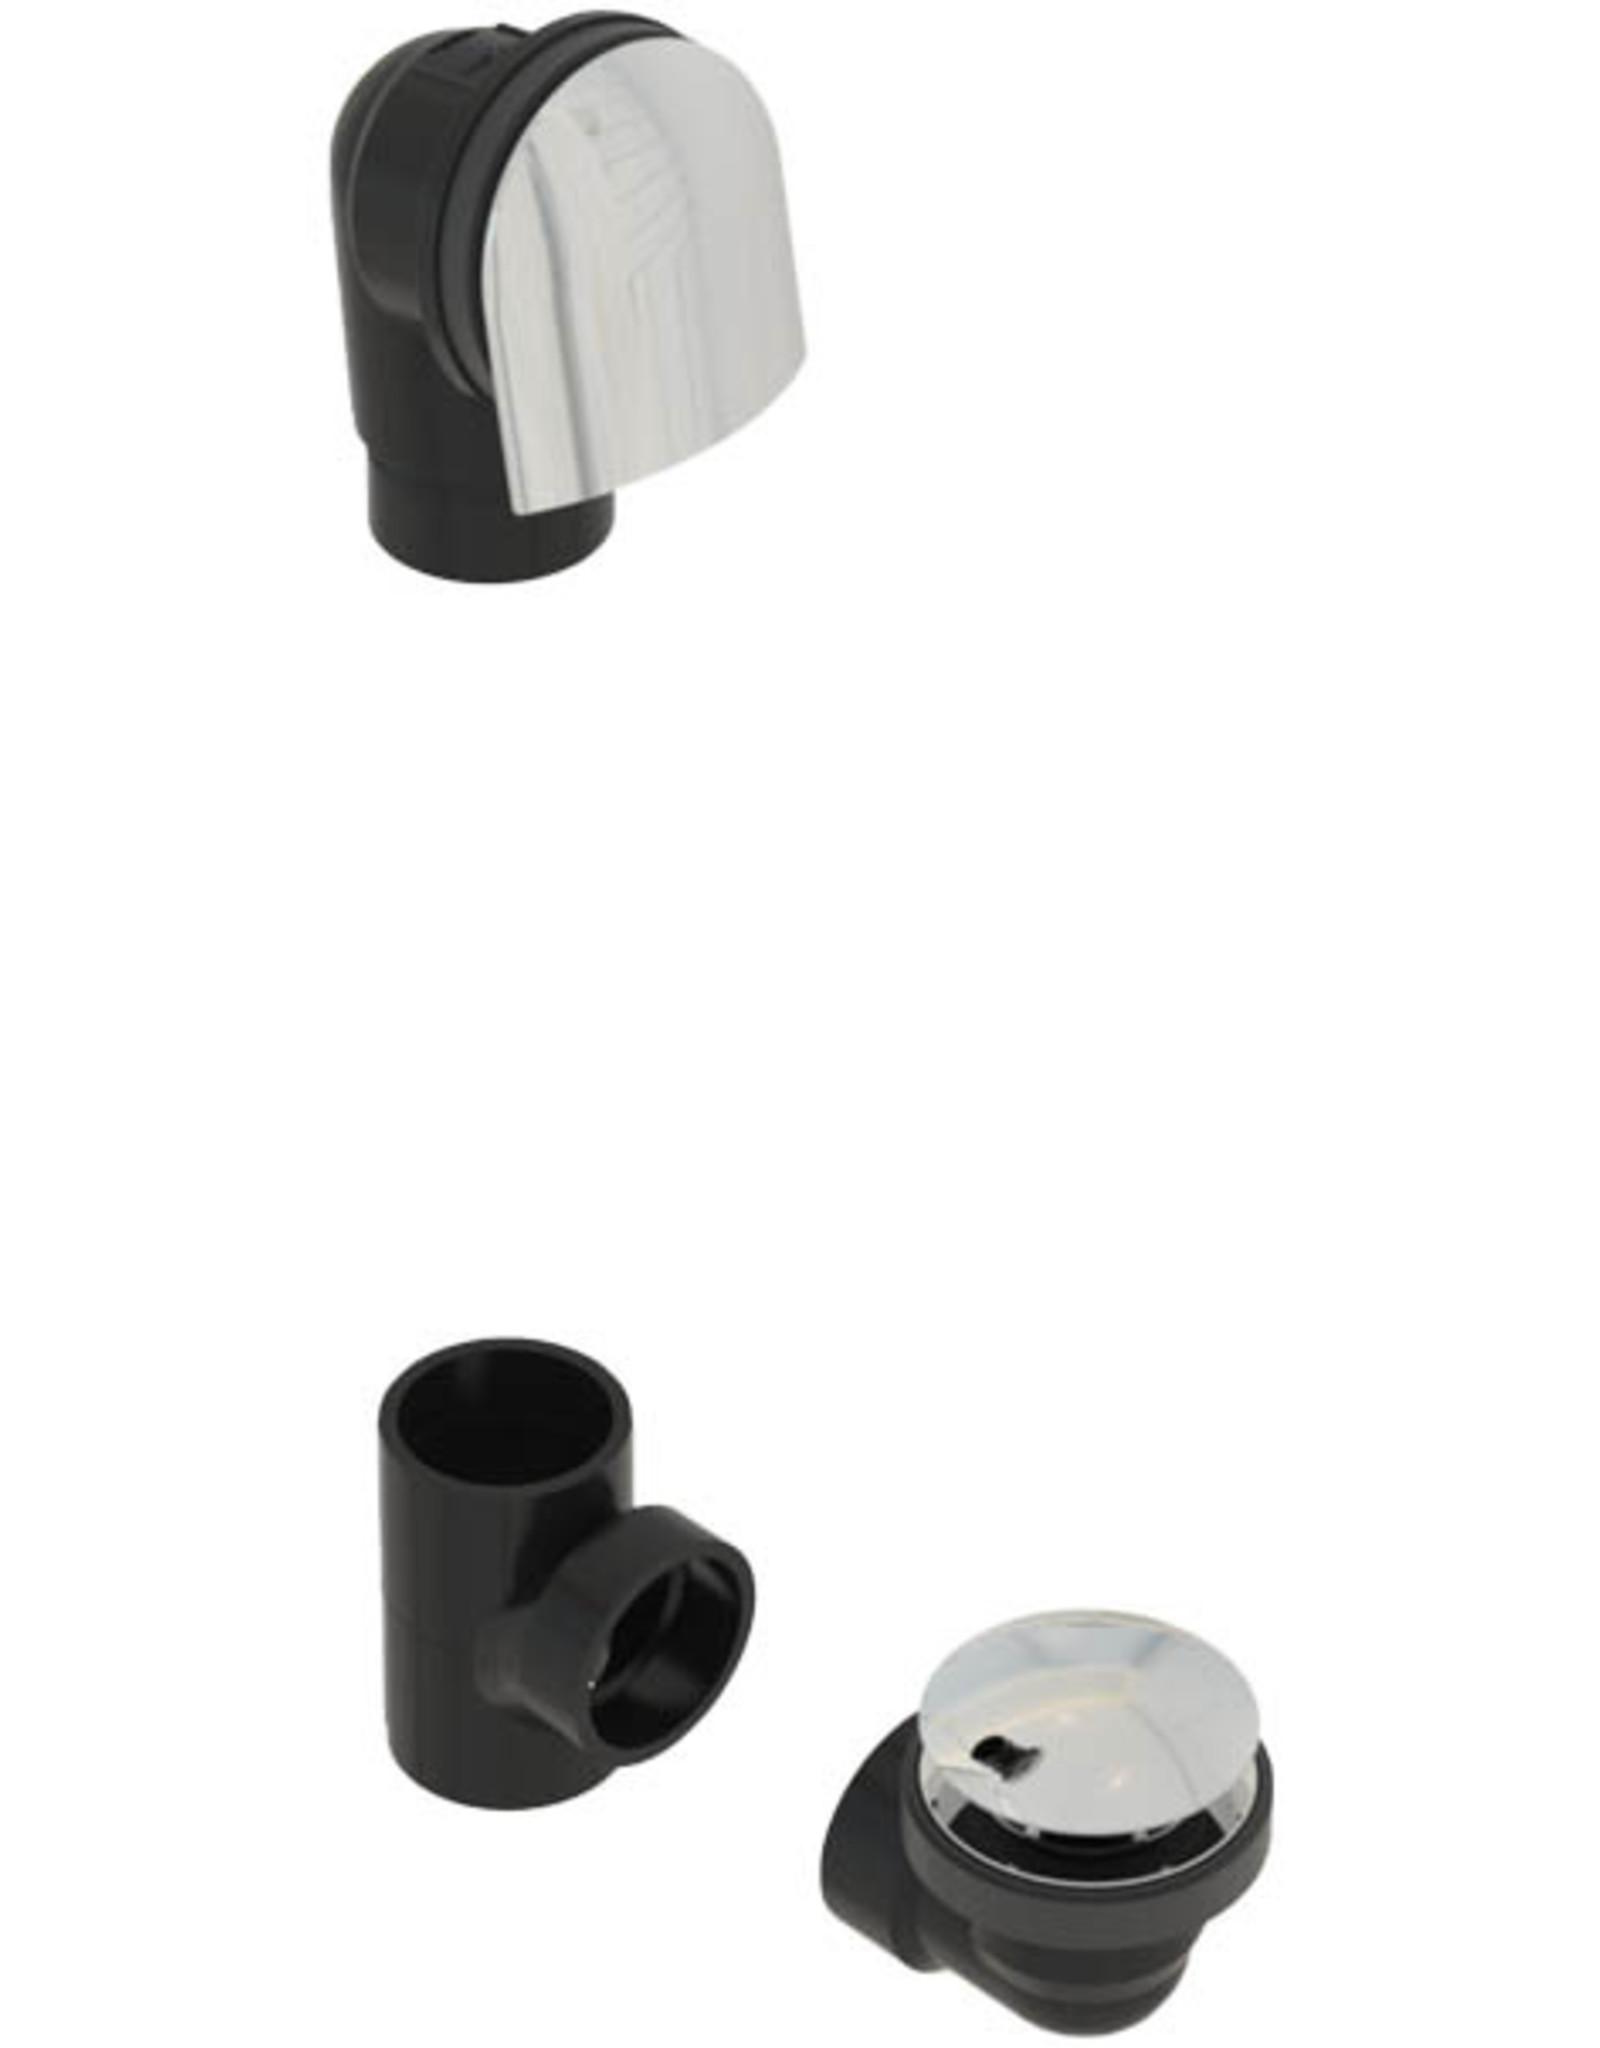 OS&B Matte Black Clicker W&O Kit